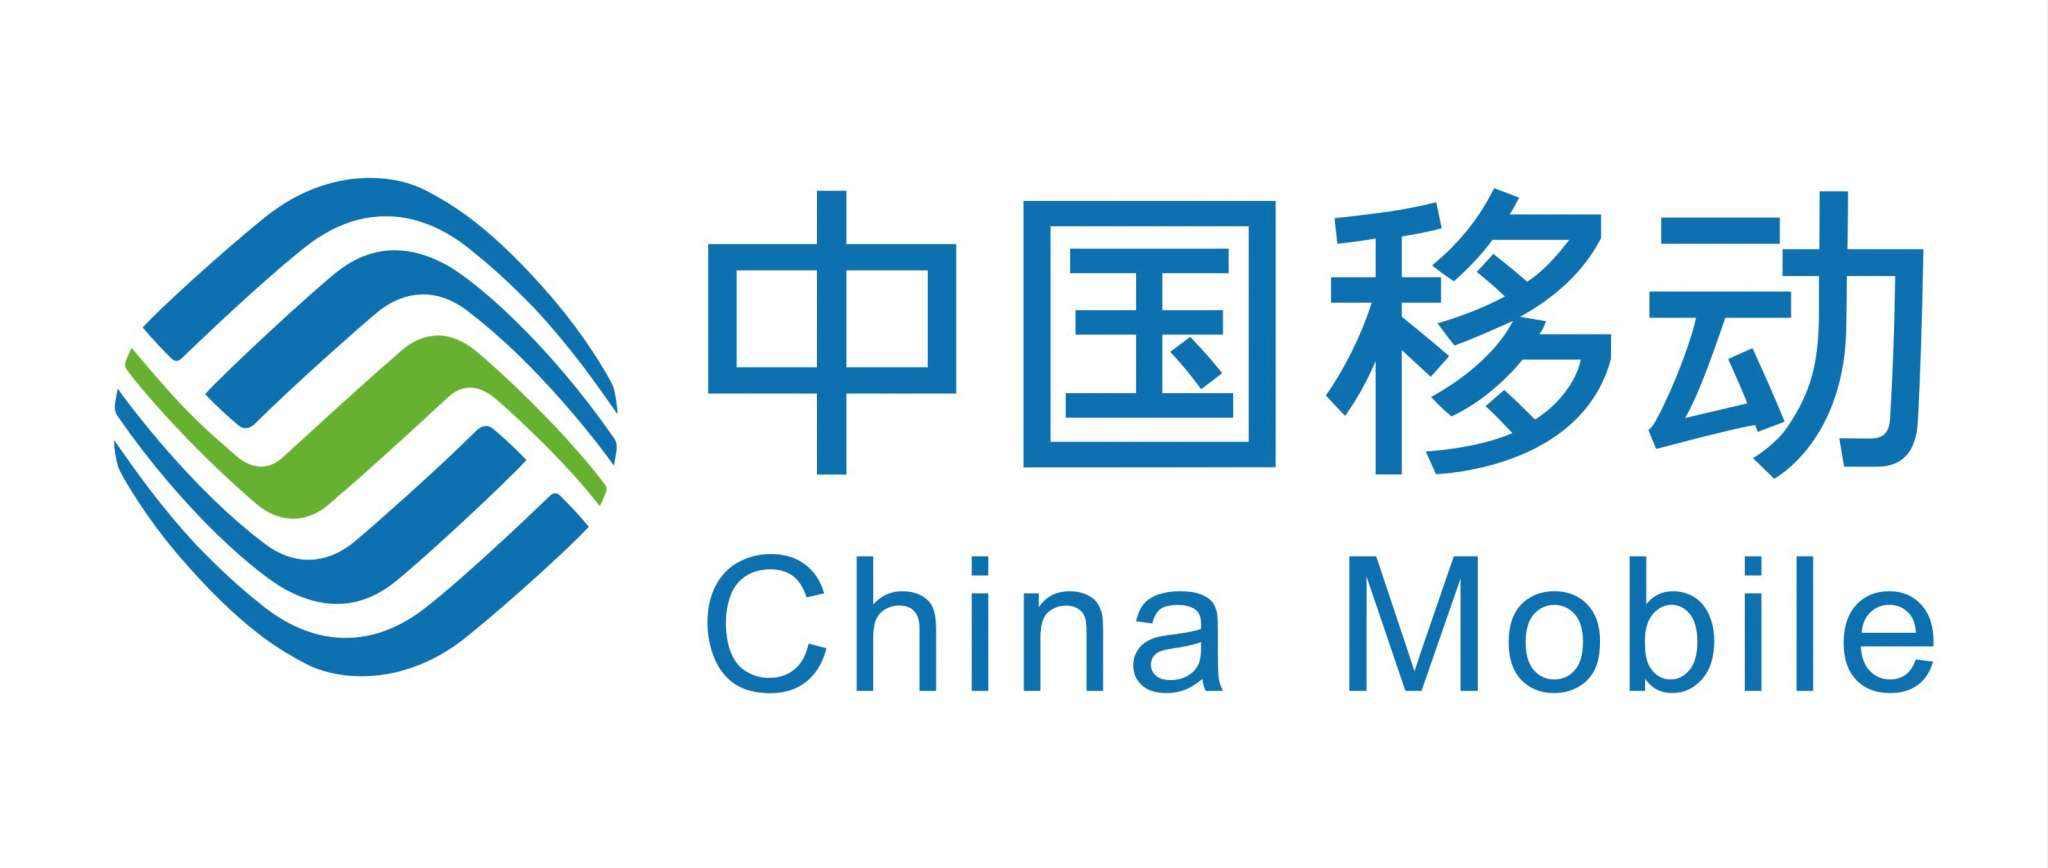 中国移动:2020年目标发展500万VR用户,VR头显不低于100万